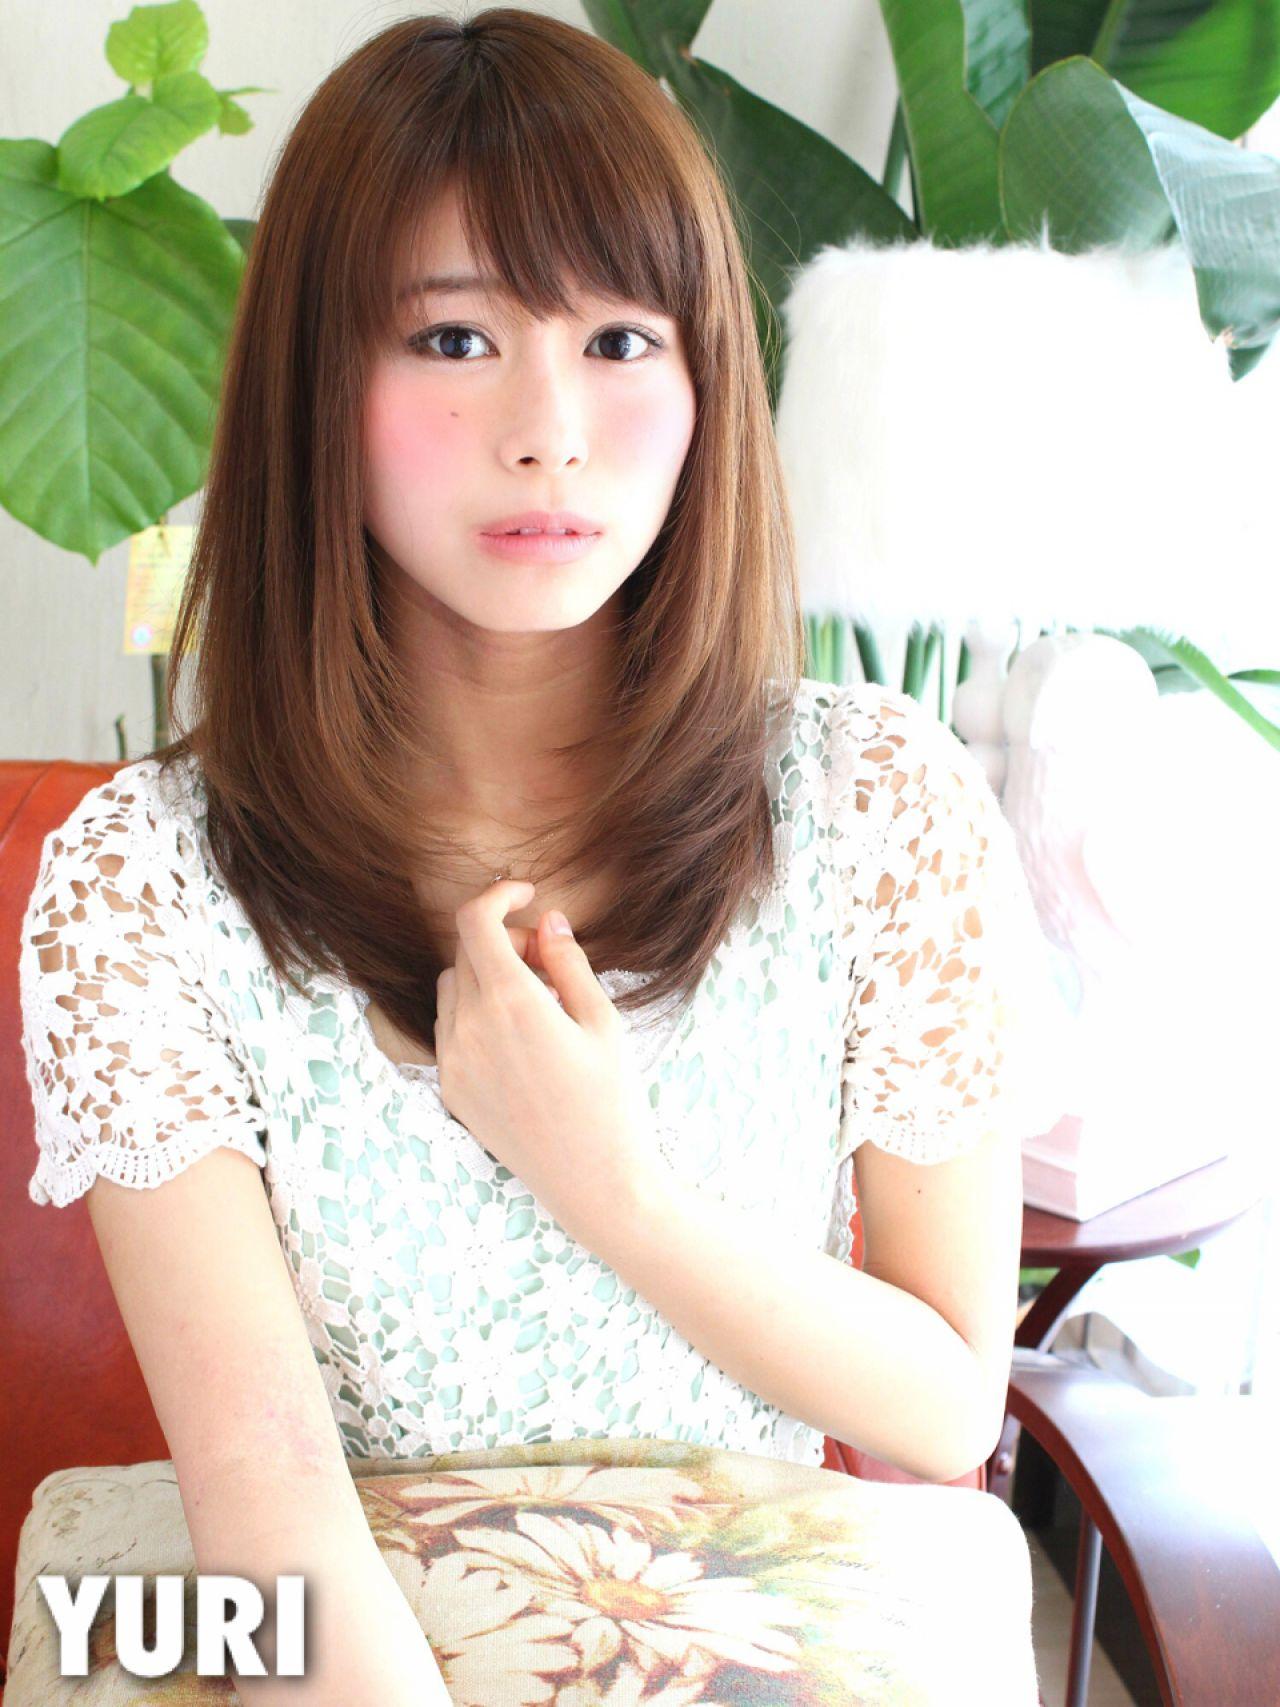 ストレート モテ髪 フェミニン ナチュラル ヘアスタイルや髪型の写真・画像 | Yuri /